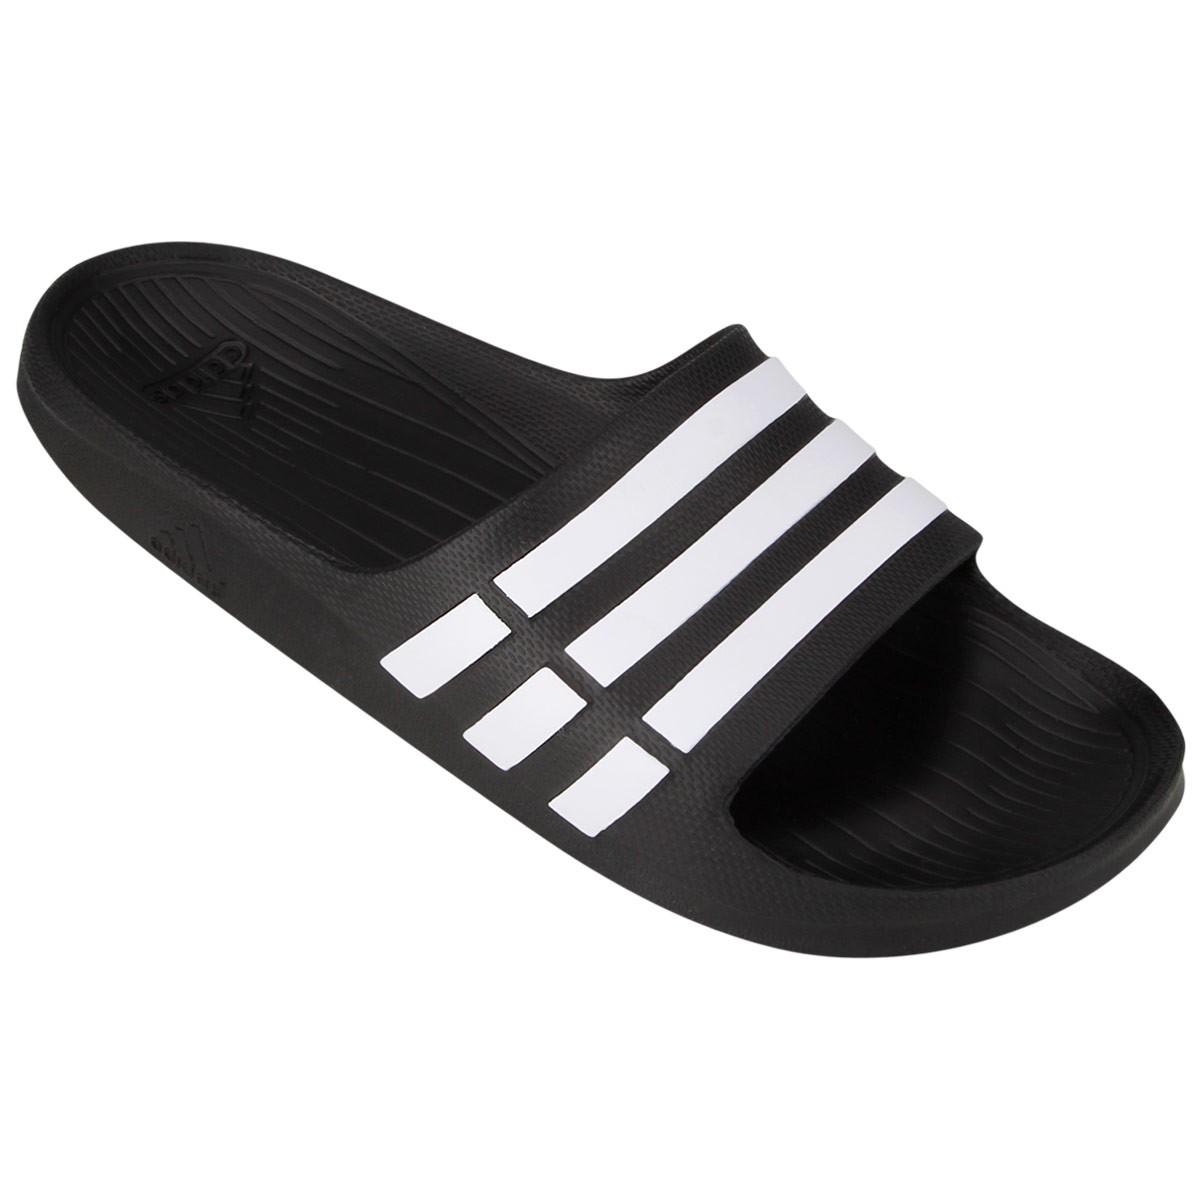 156ac18da51 Sandália Adidas Duramo Slide G15890 Preto Branco